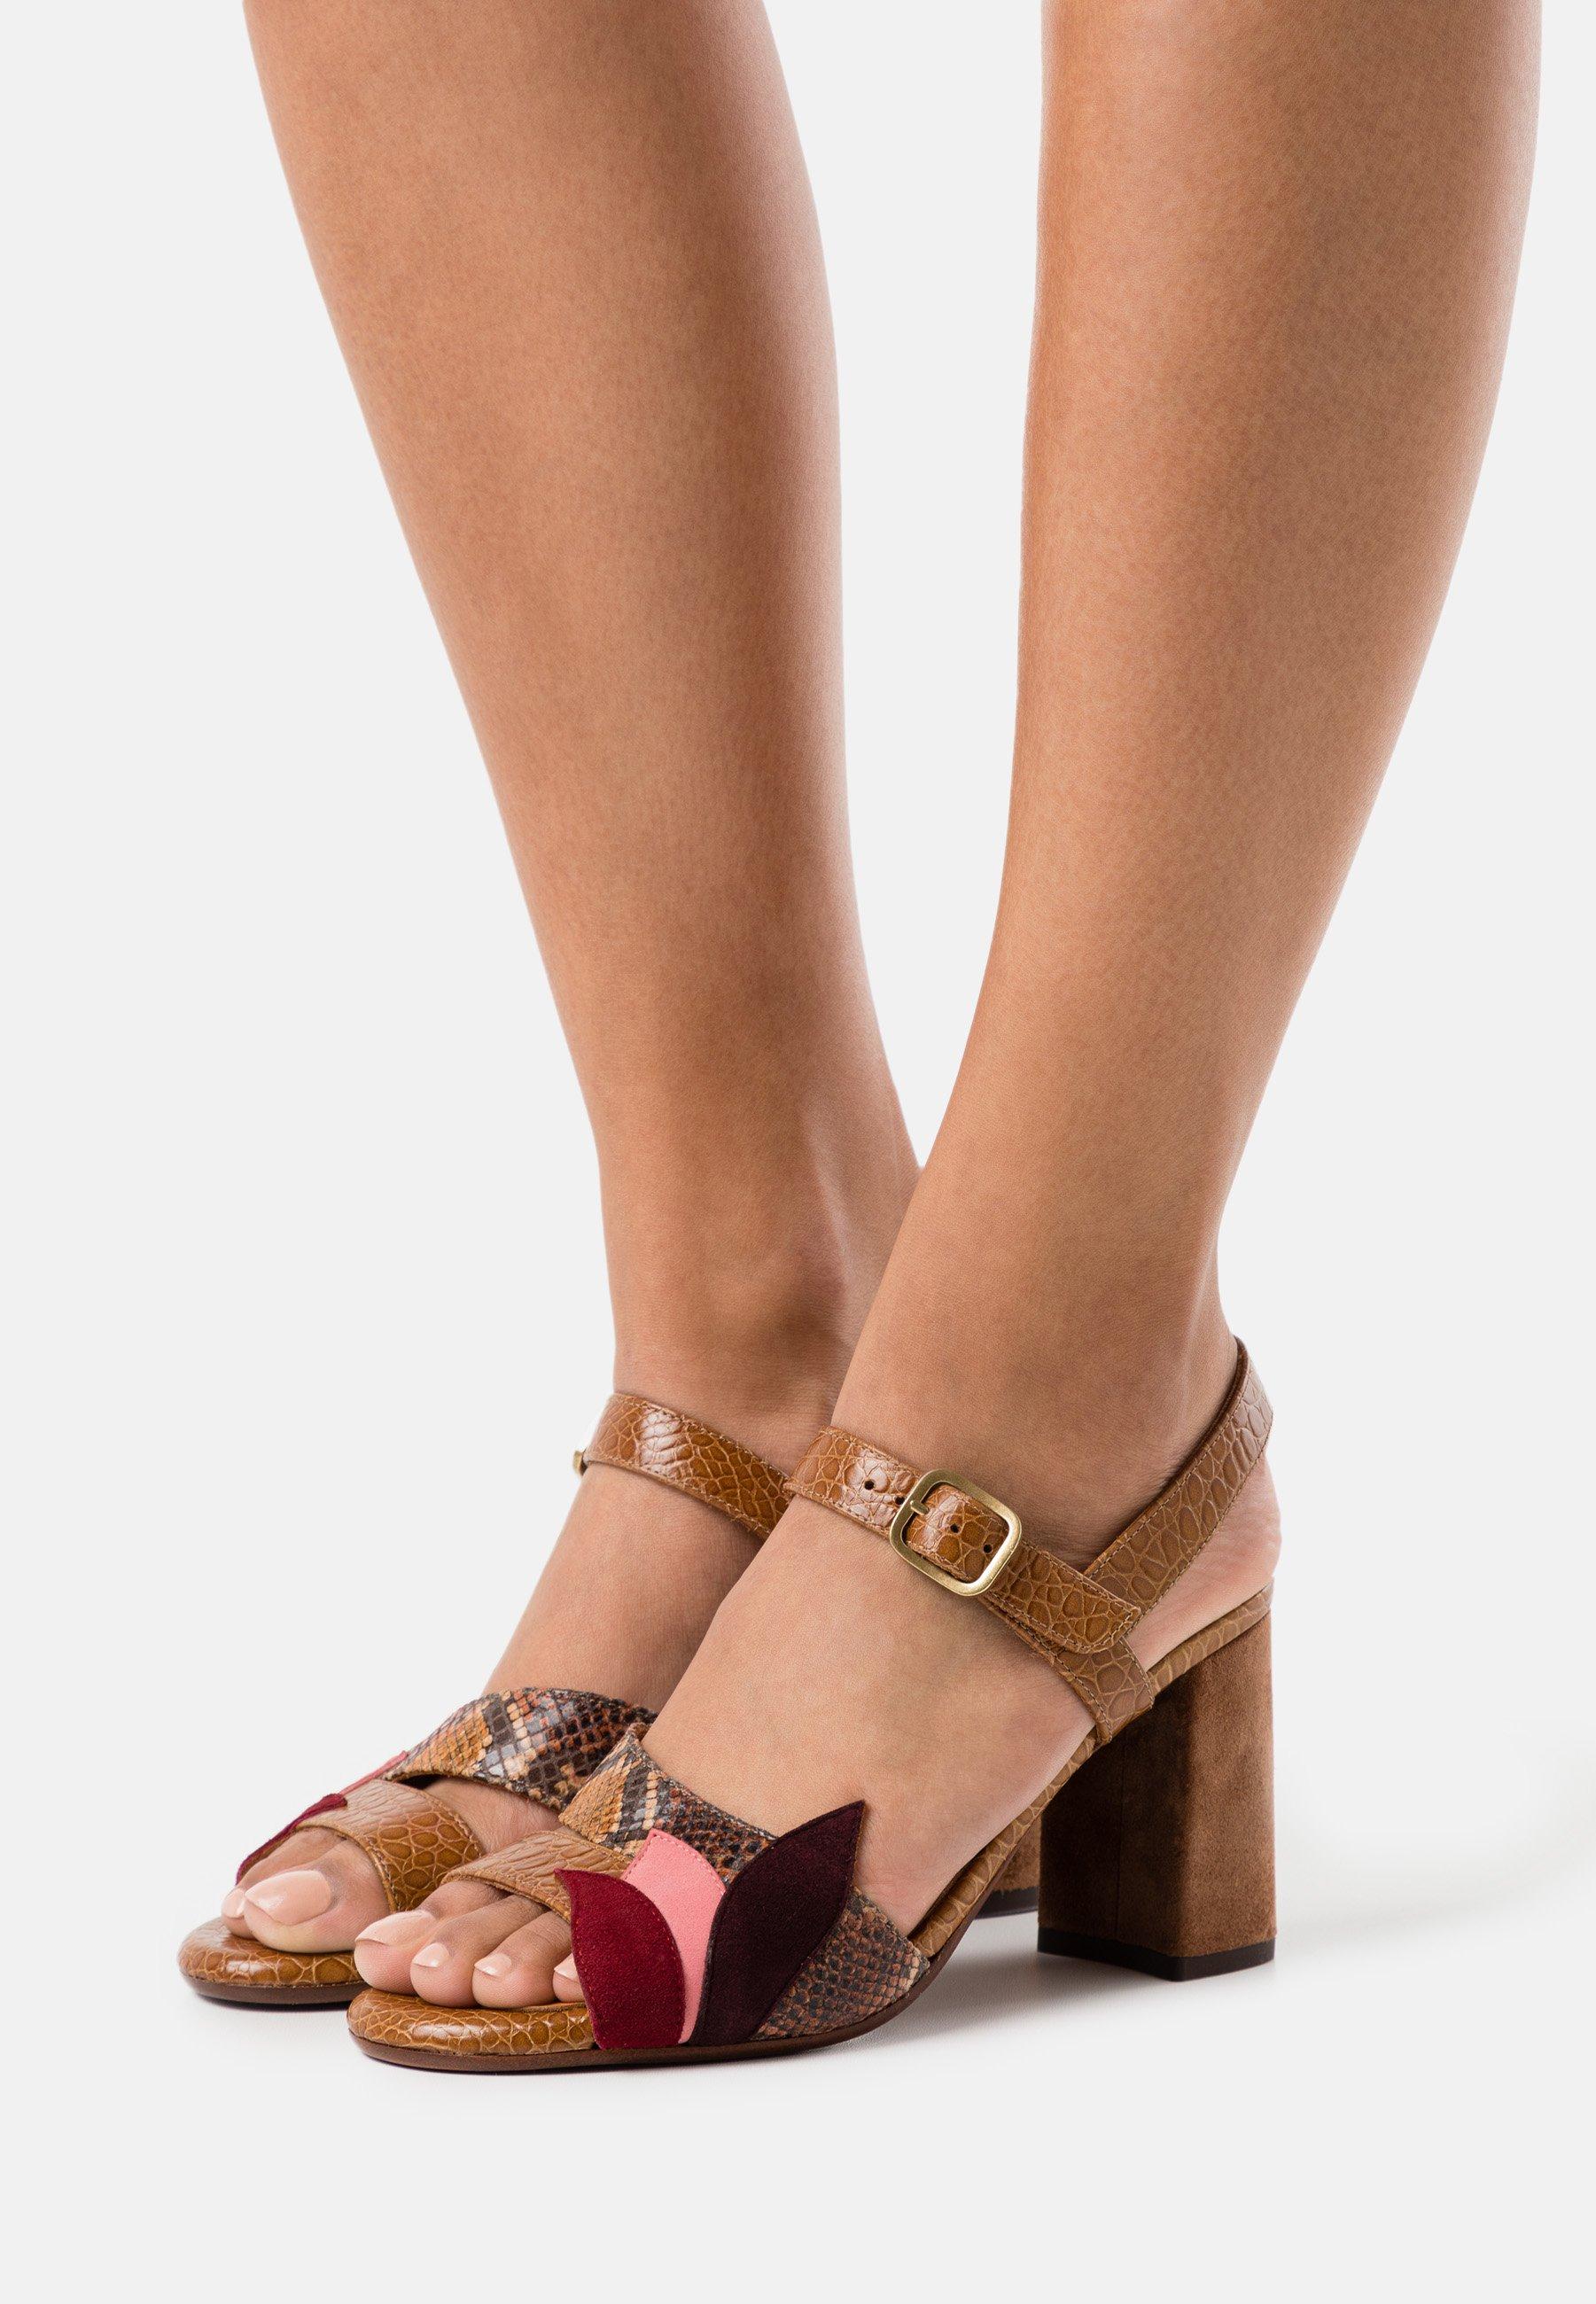 Women FACUN - Sandals - multicolor